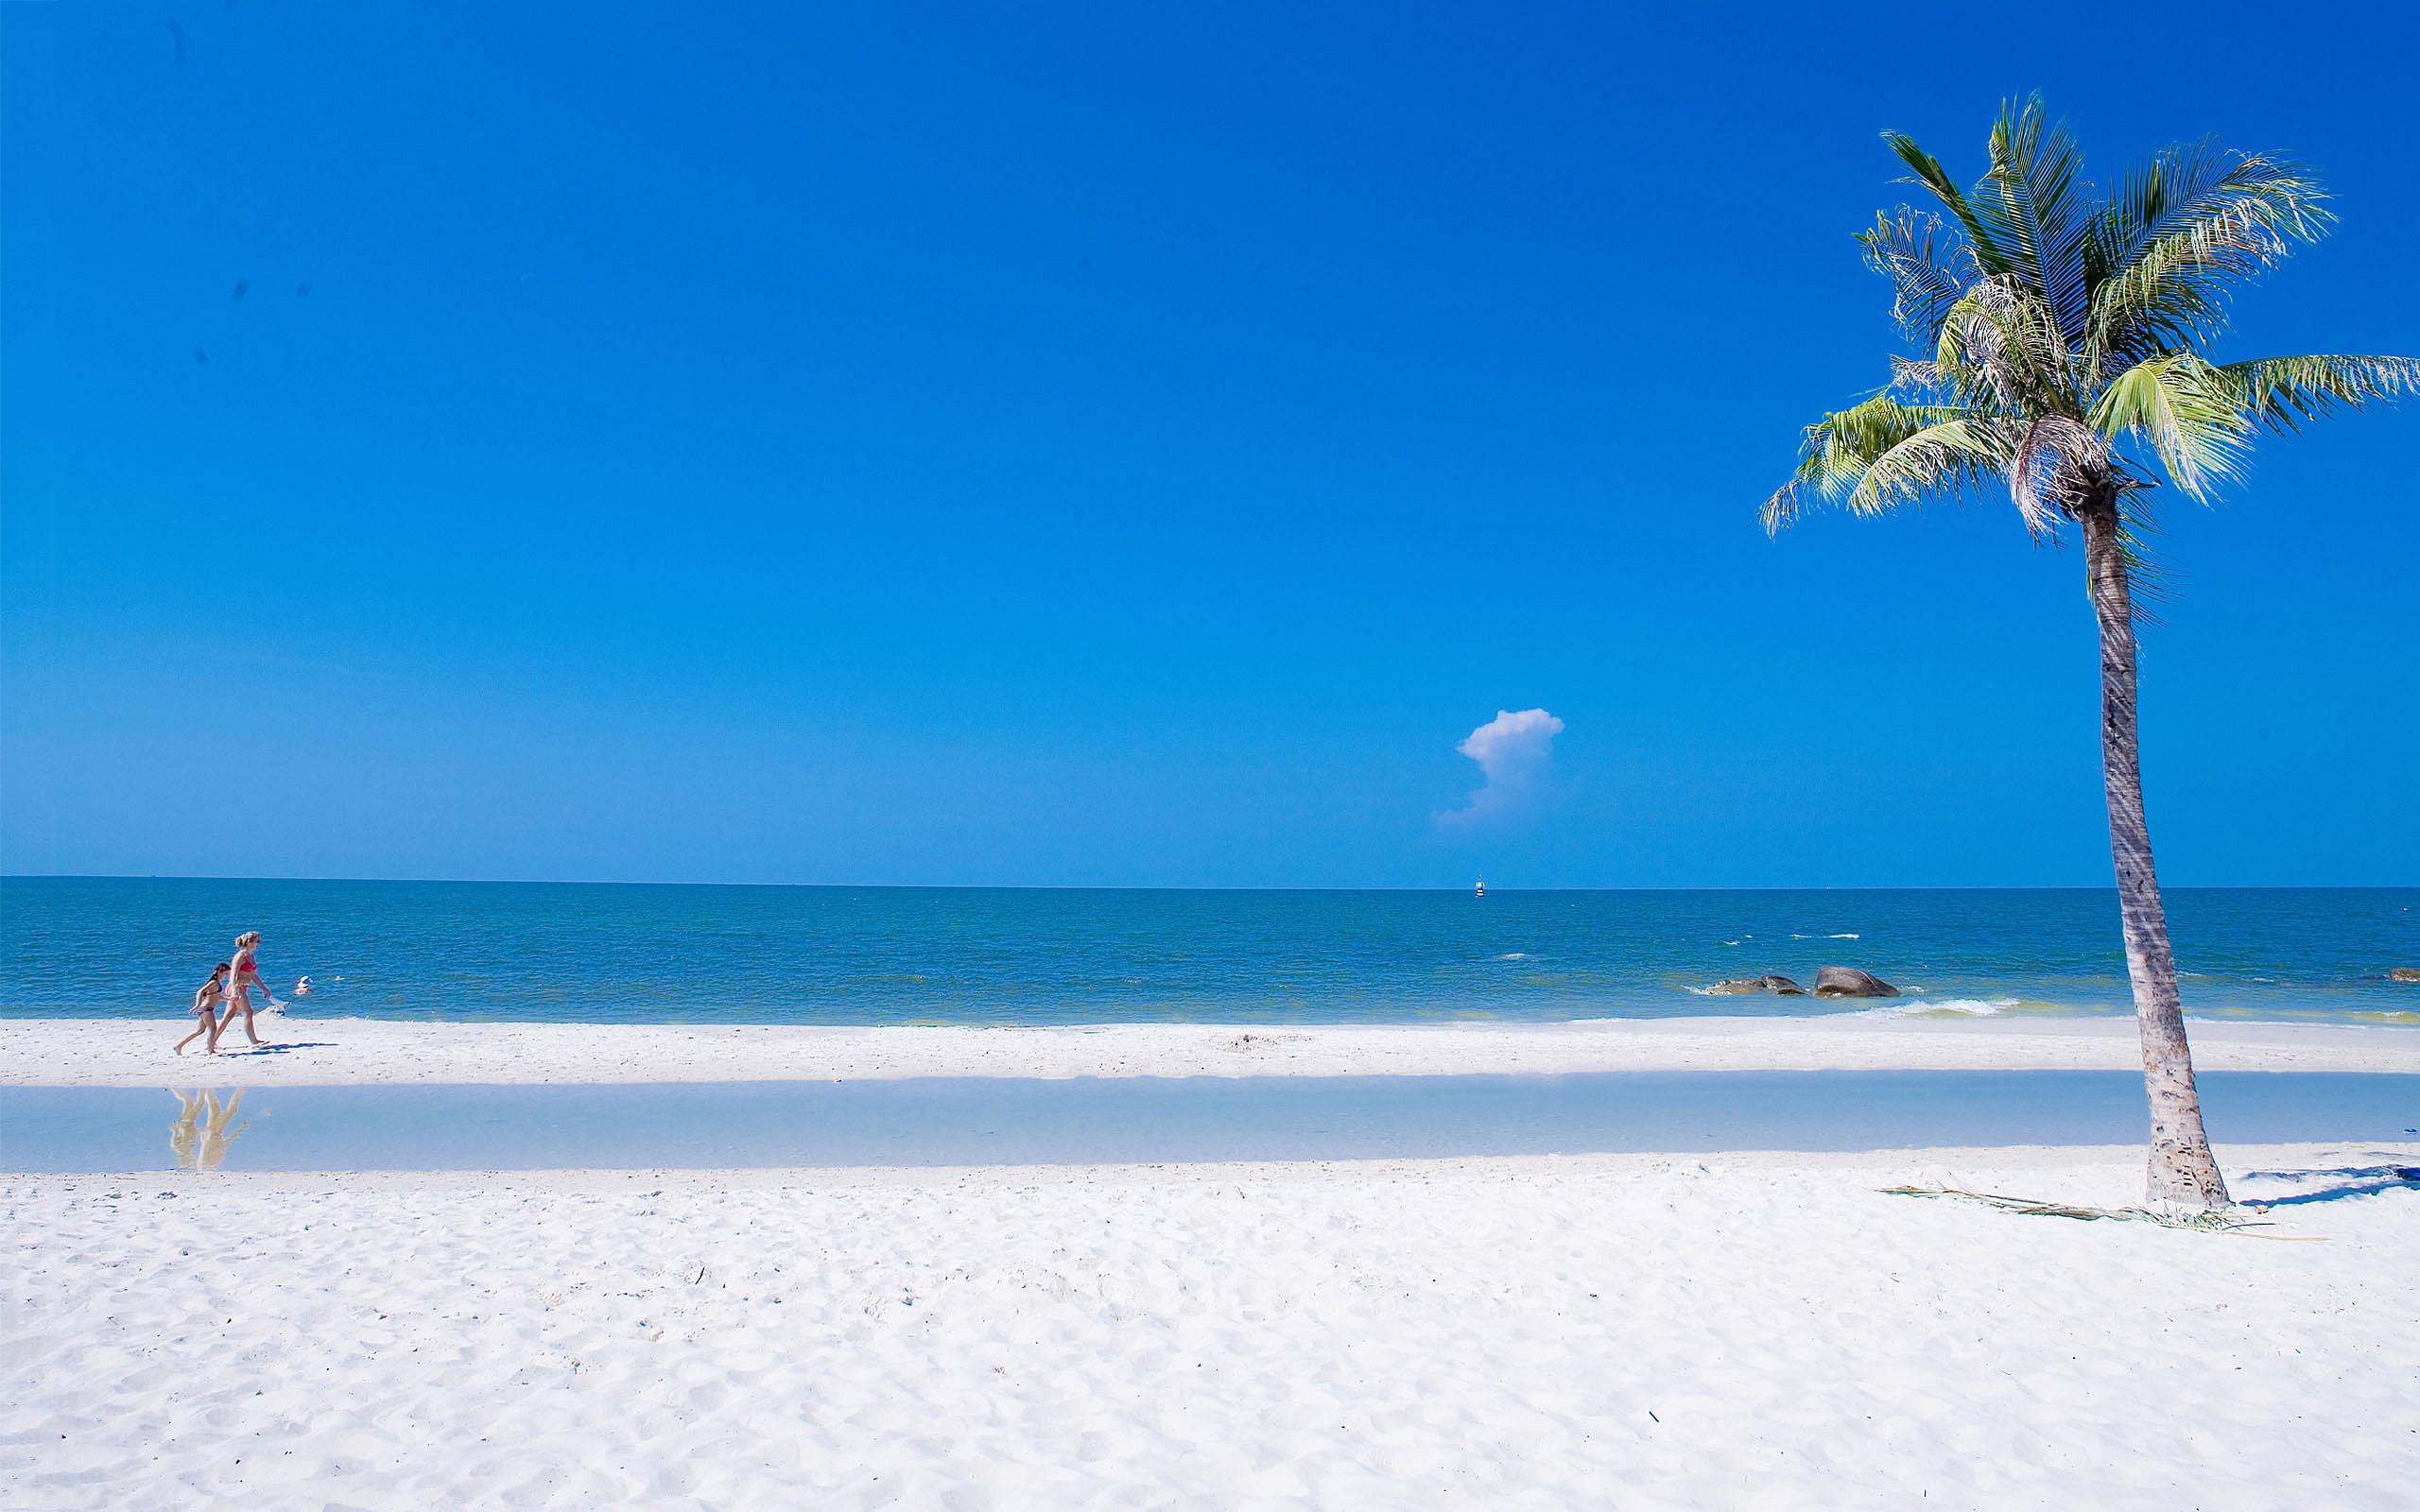 Beach Summer Ocean Wallpaper Full HD For Desktop 2560x1600